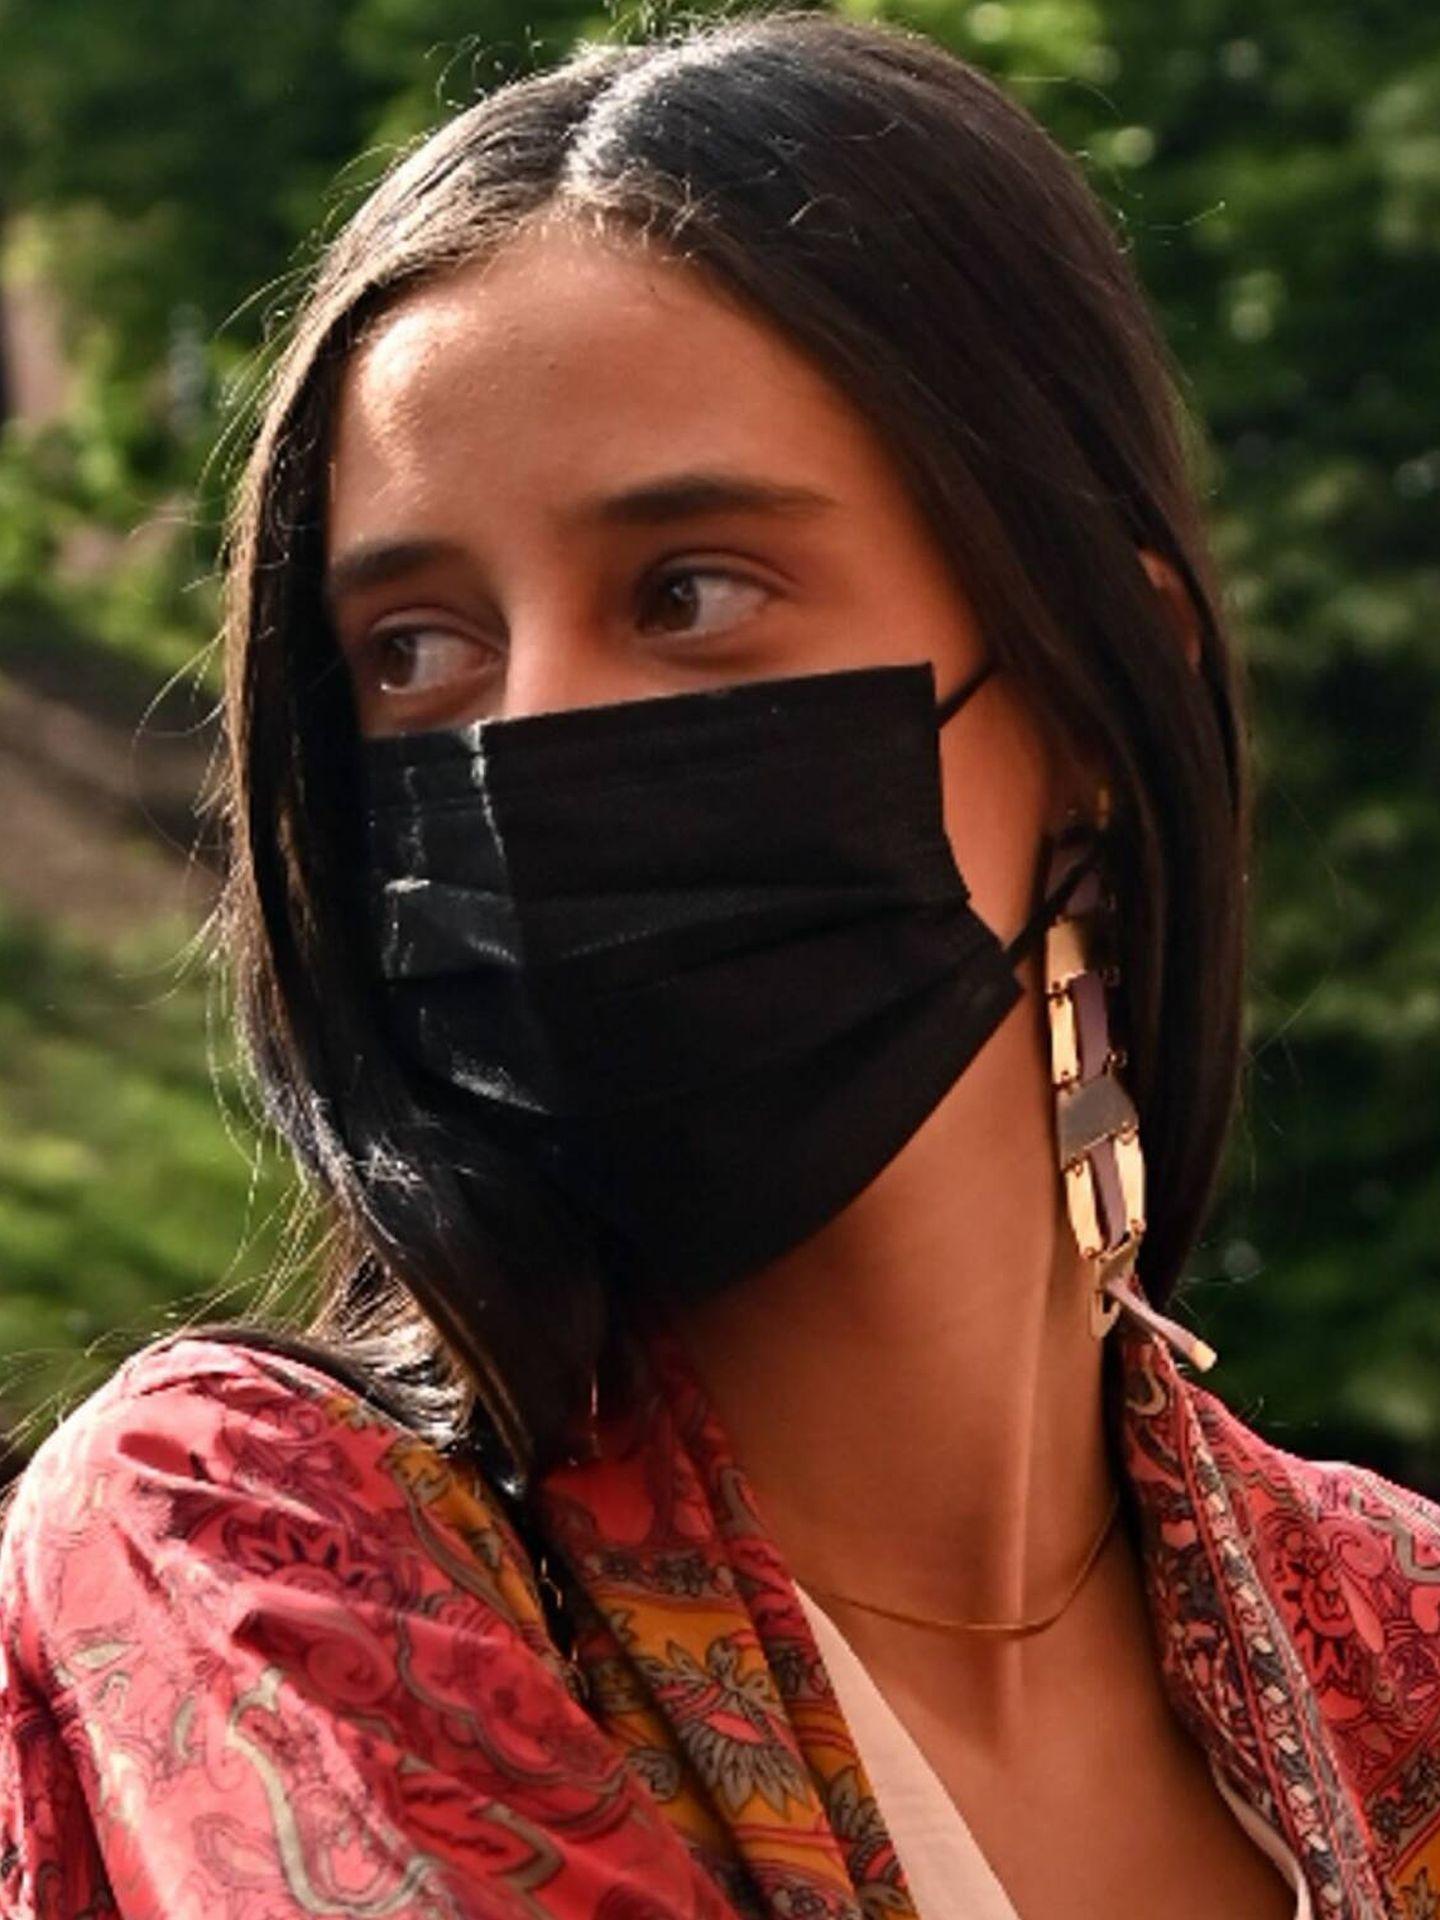 En mayo de este año, Victoria Federica de Marichalar ya comenzaba a dejarse ver con su maquillaje bronceado. (Cordon Press)